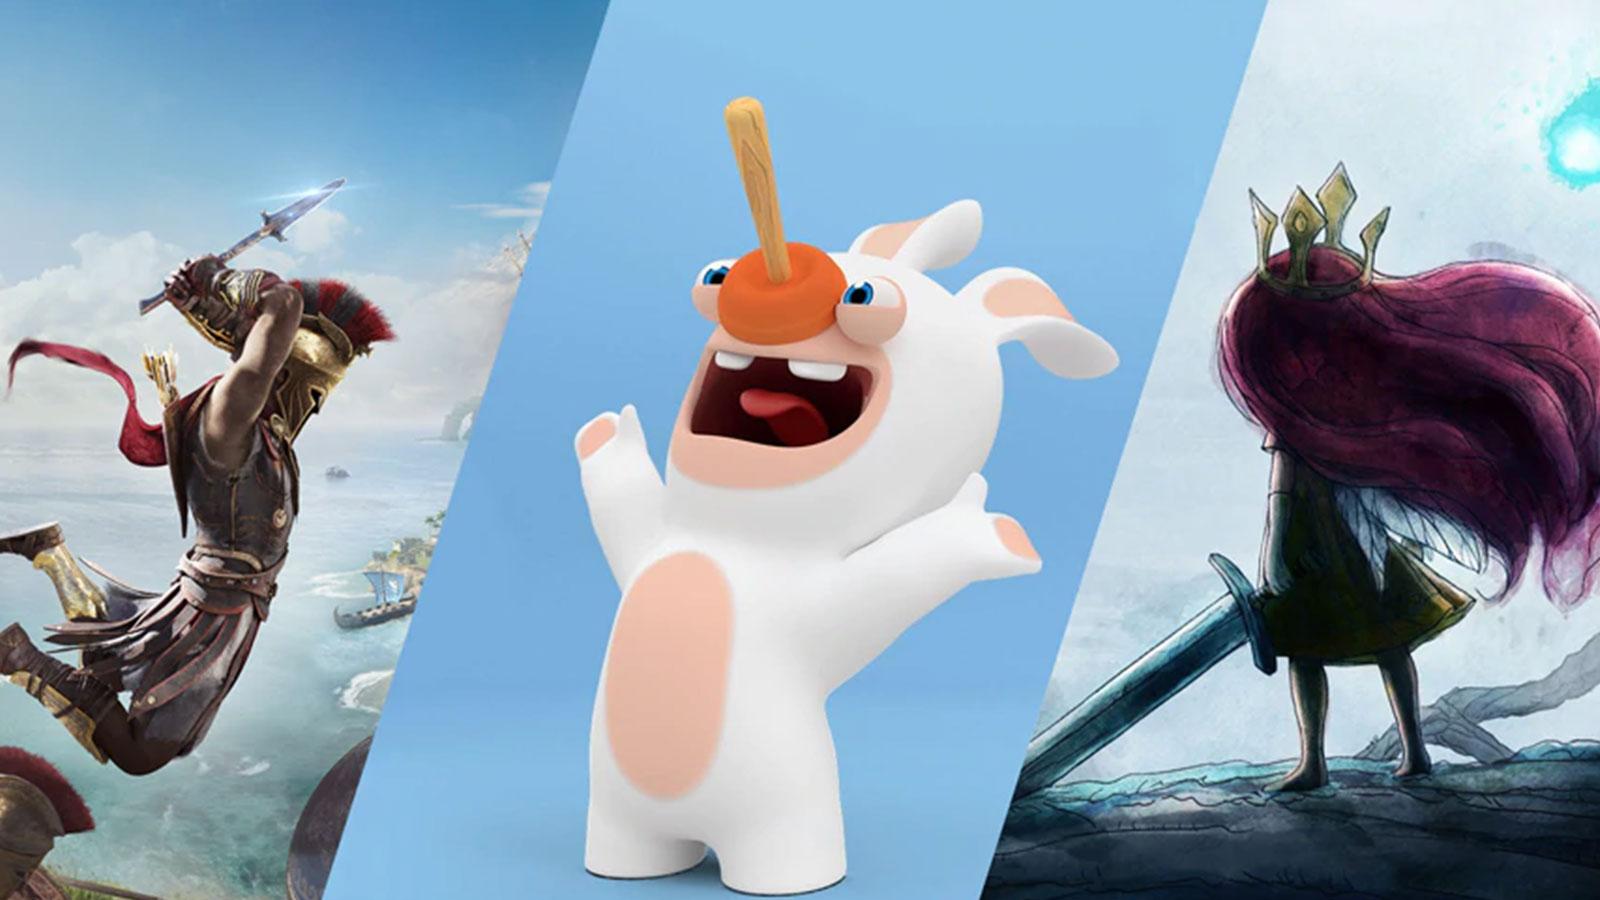 En cette période de ocnfinement Ubisoft propose plusieurs jeux gratuitement